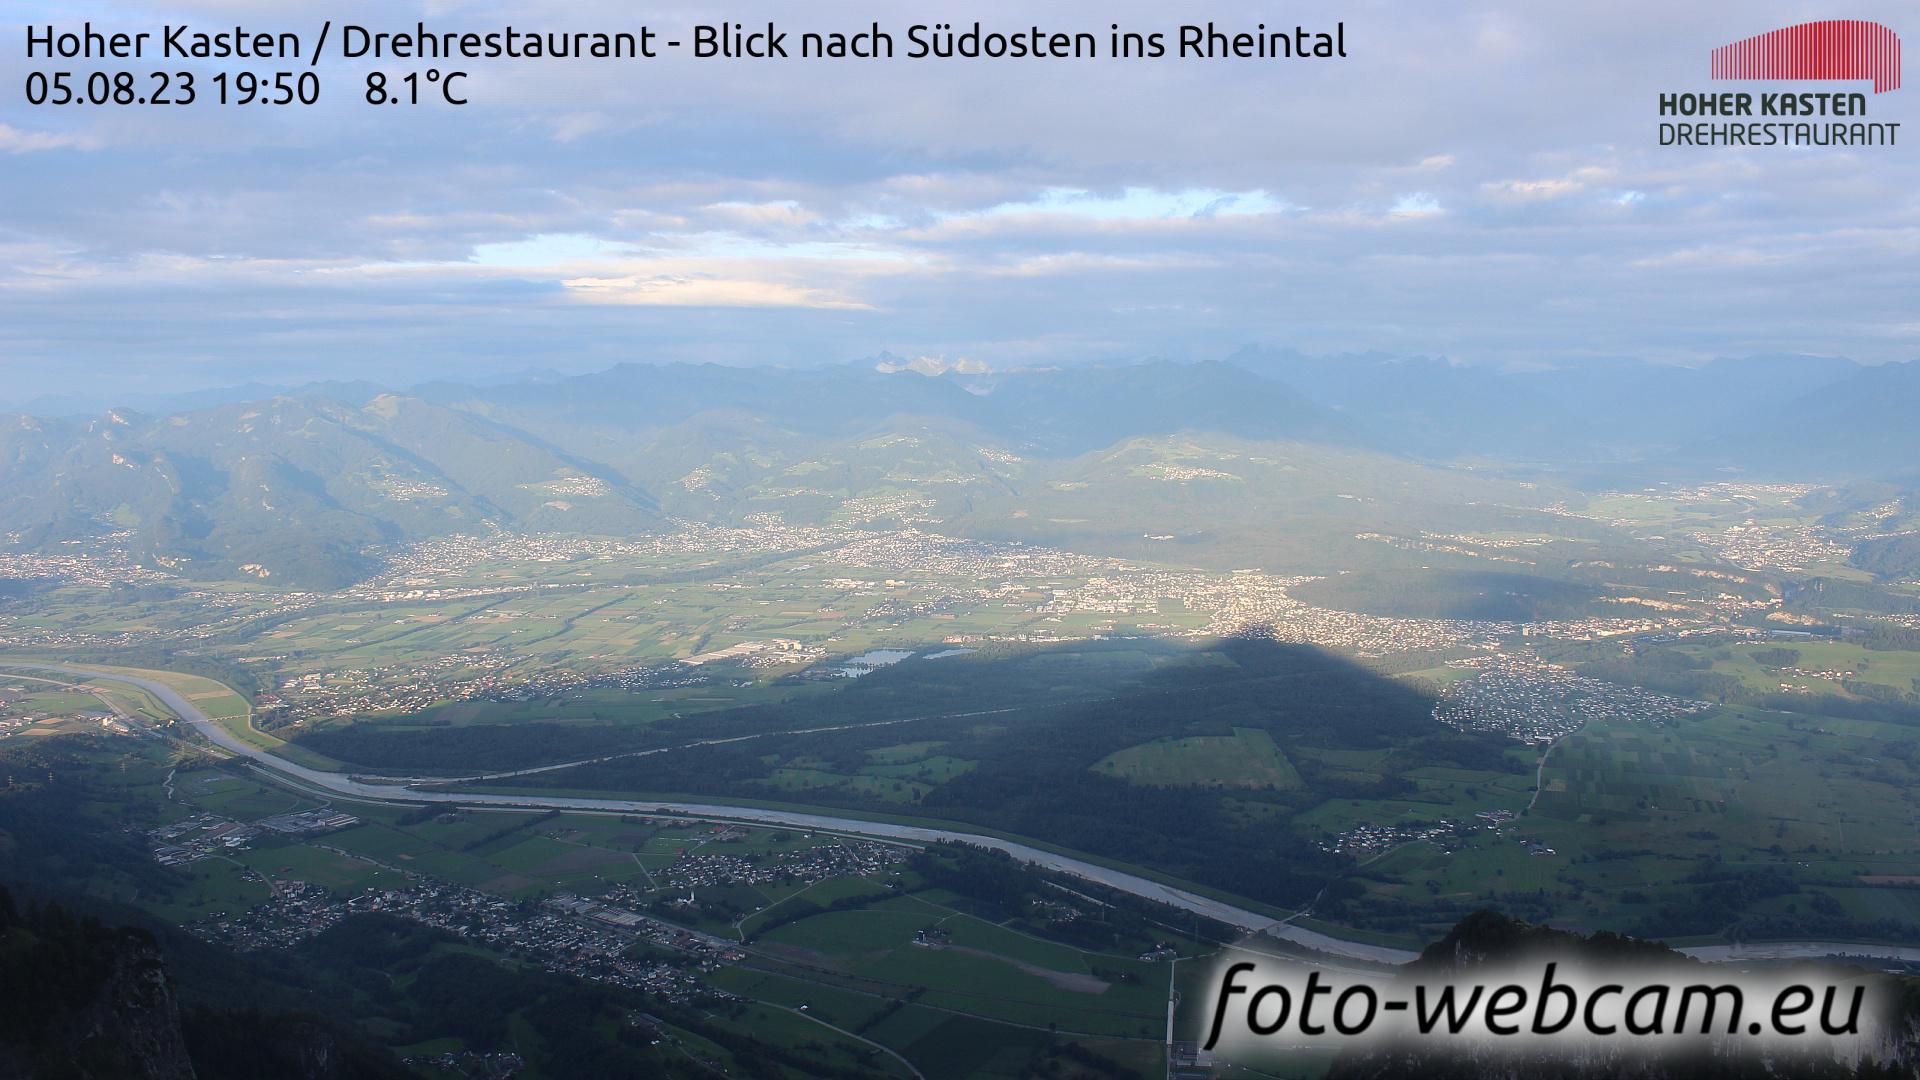 24h Timelapse Hoher Kasten Switzerland